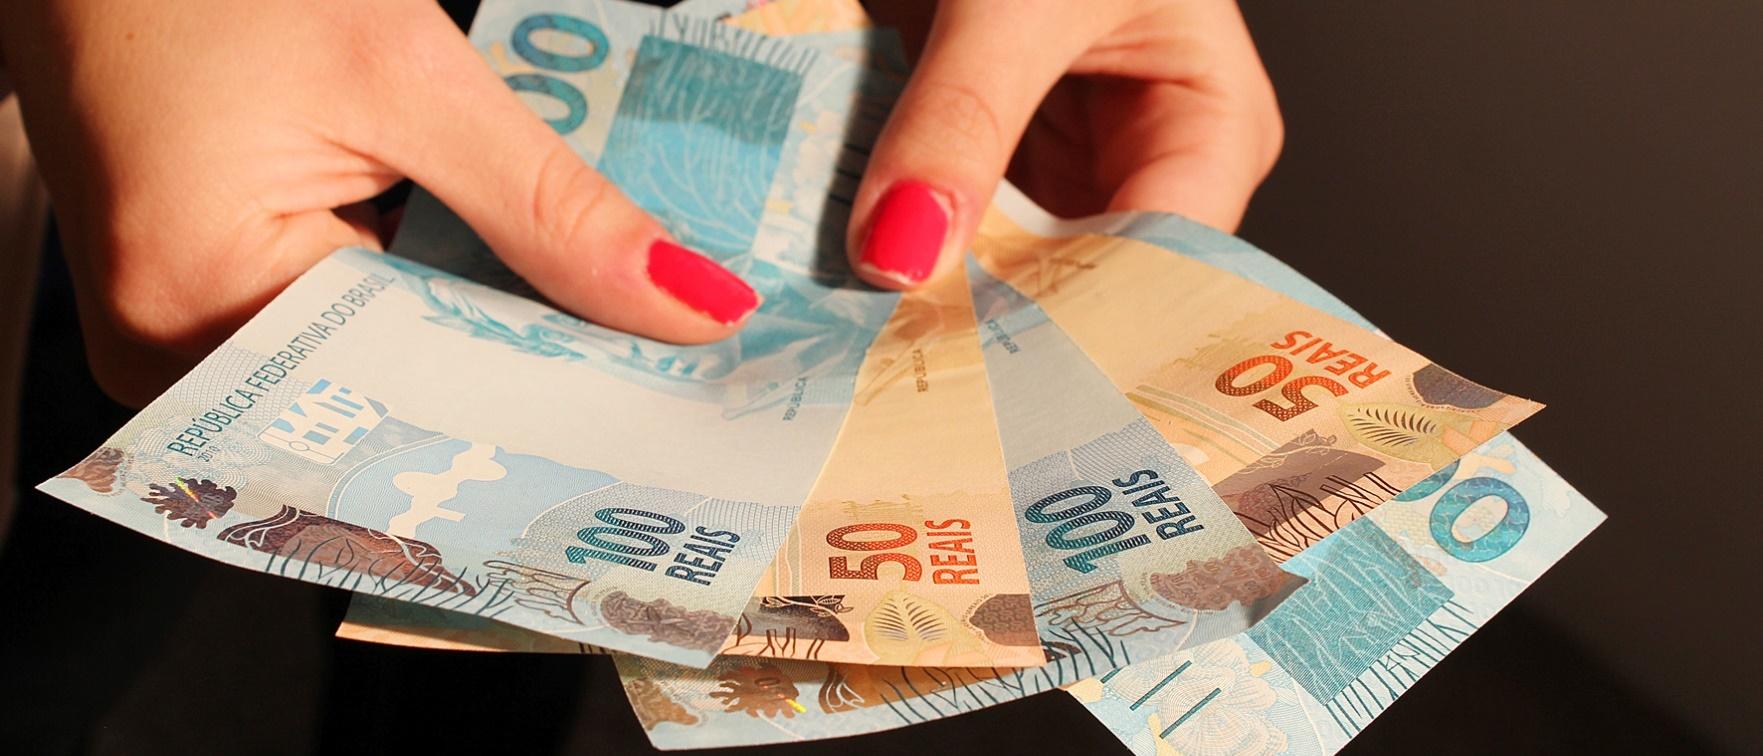 Salário do brasileiro: compare seus rendimentos com os do restante do país